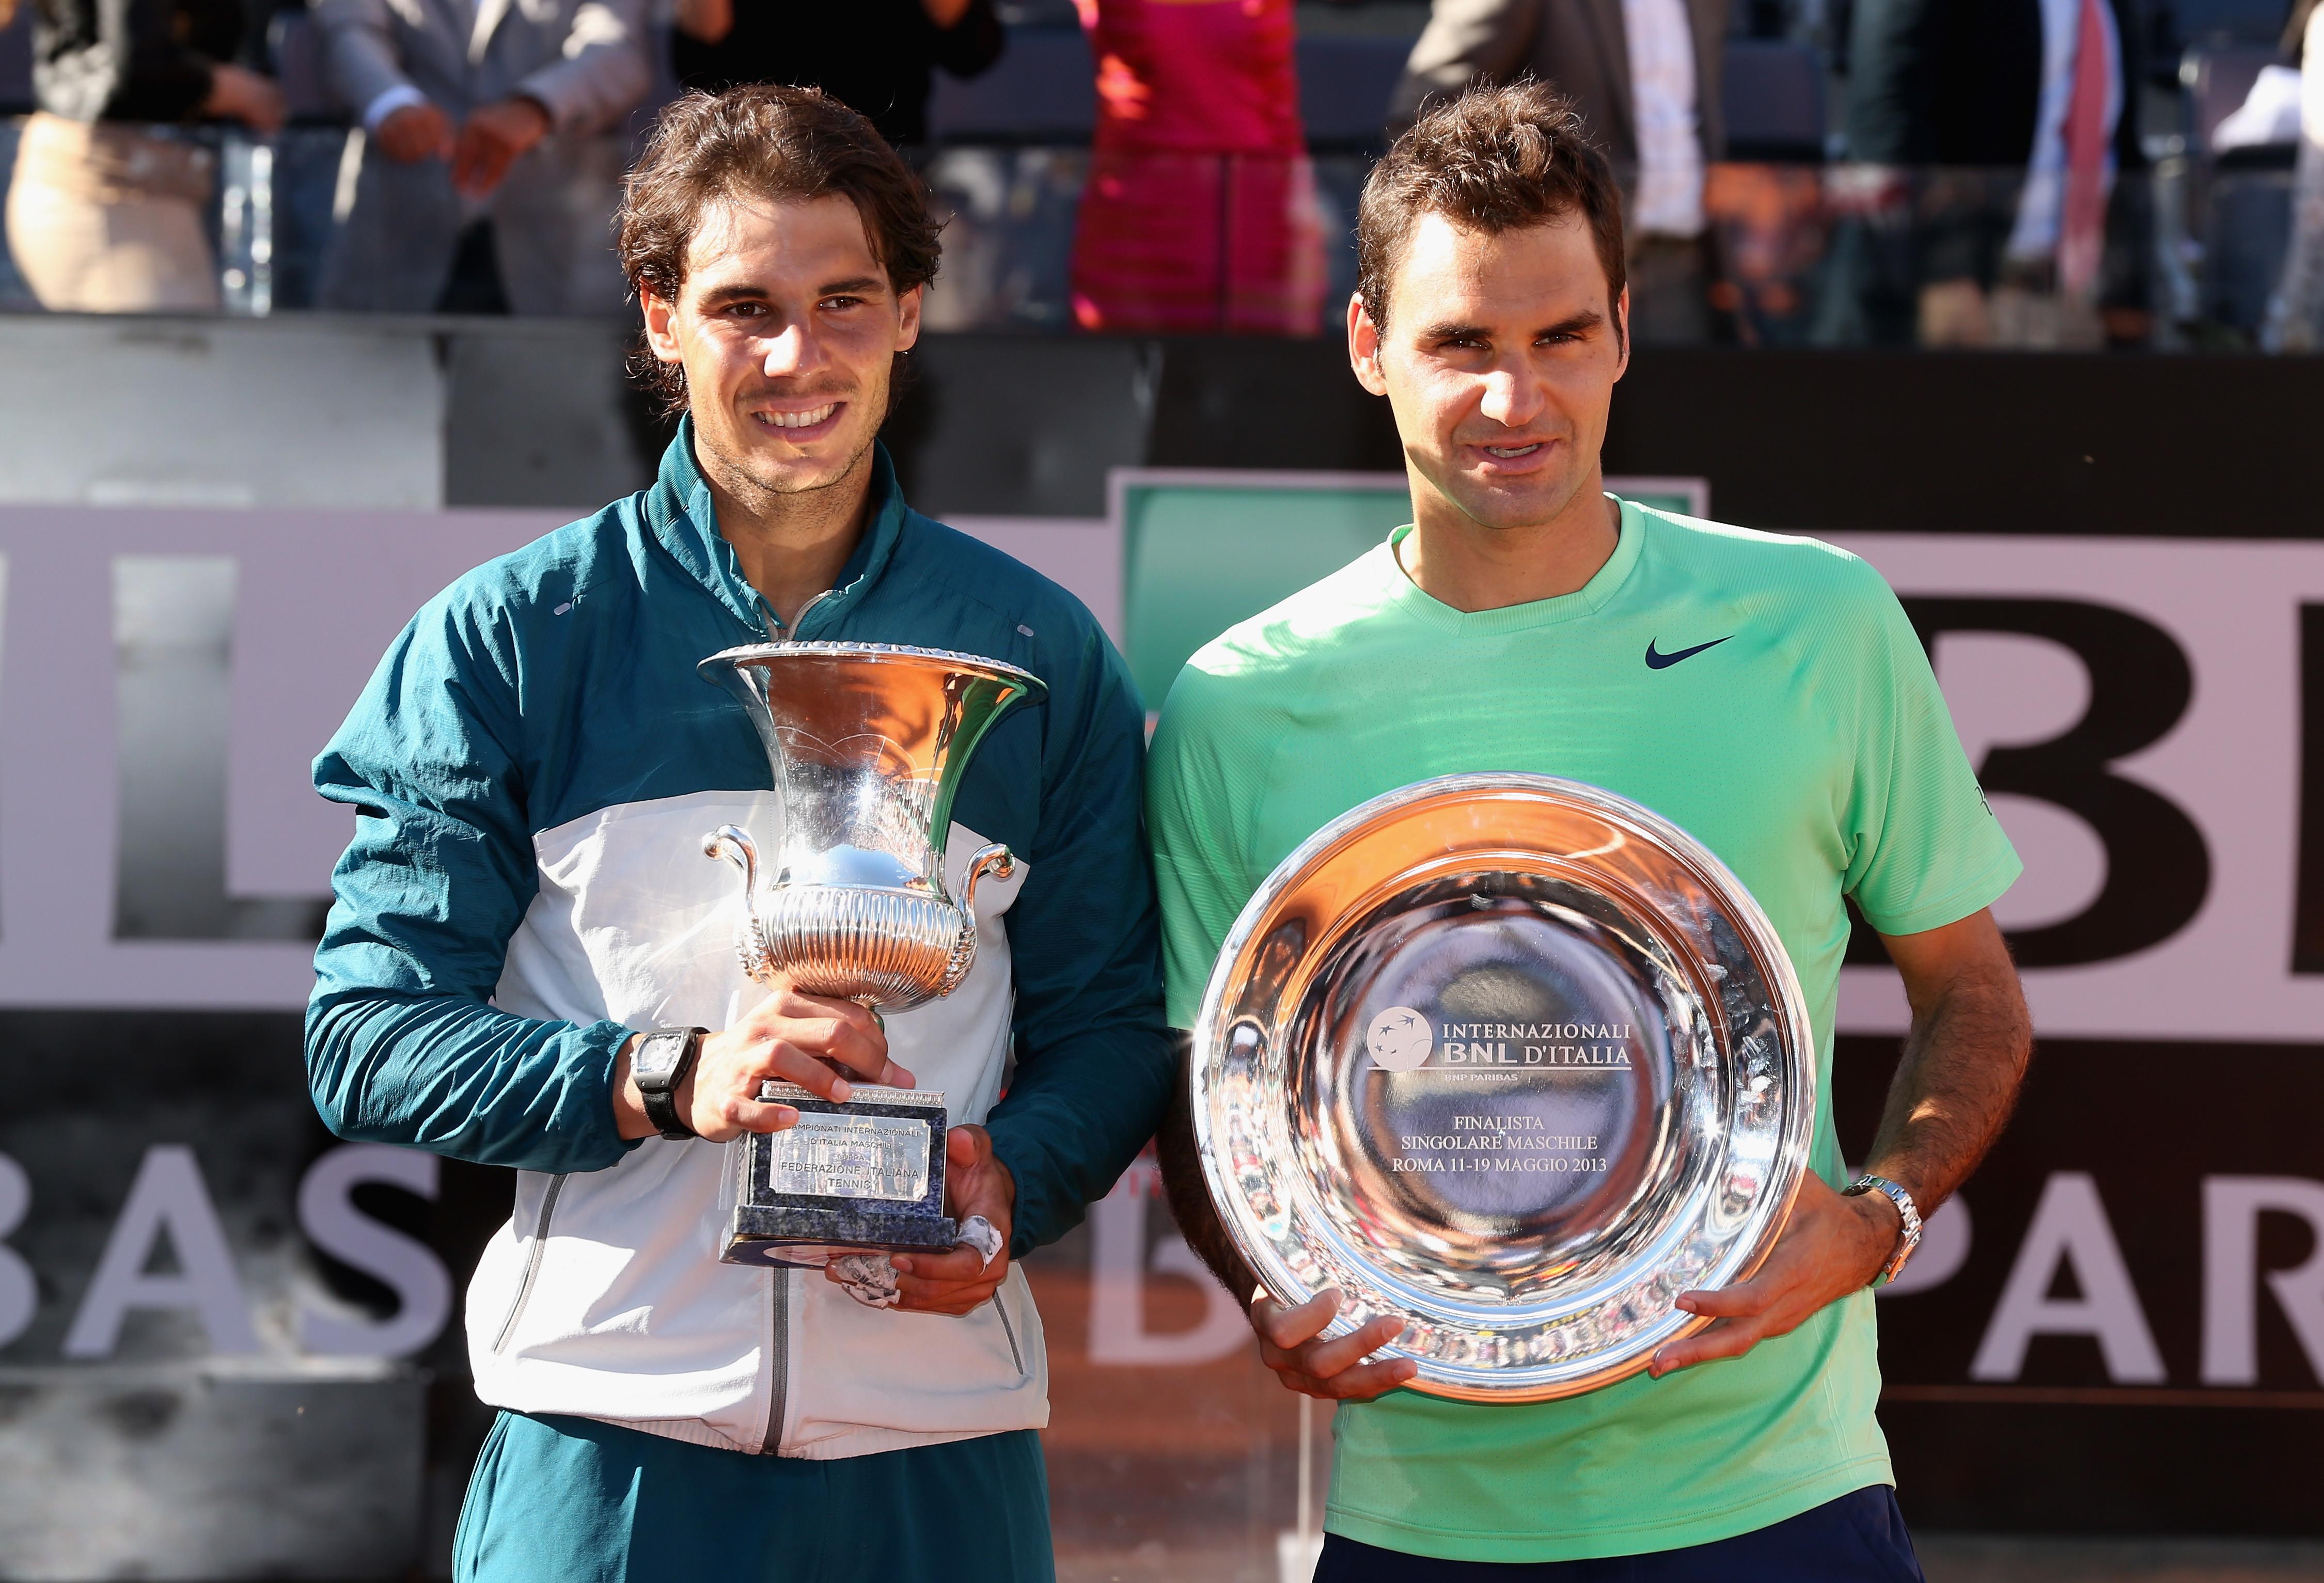 Nel 2013 il settimo sigillo di Nadal. Il mancino di Manacor ha travolto in finale Roger Federer con il netto punteggio di 6-1 6-3 in poco più di un'ora.